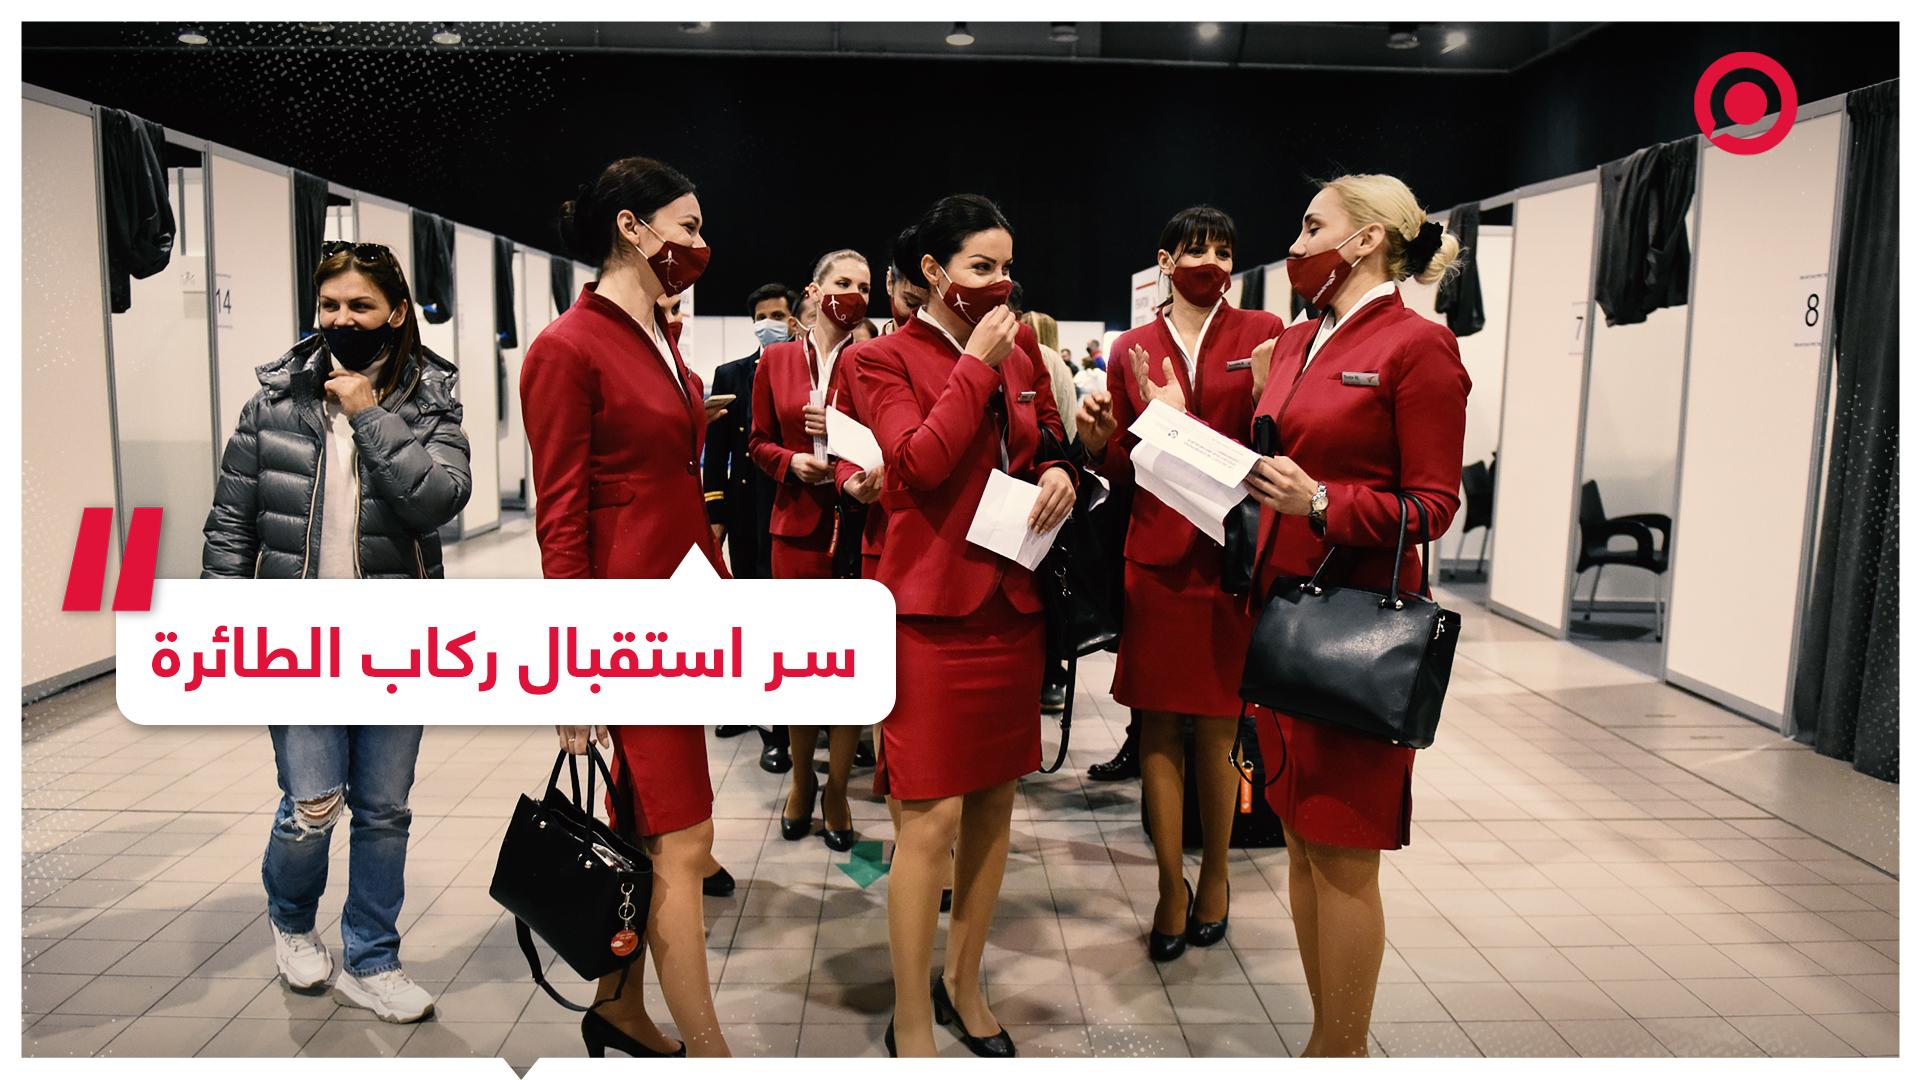 رحلات جوية - طيران - سياحة